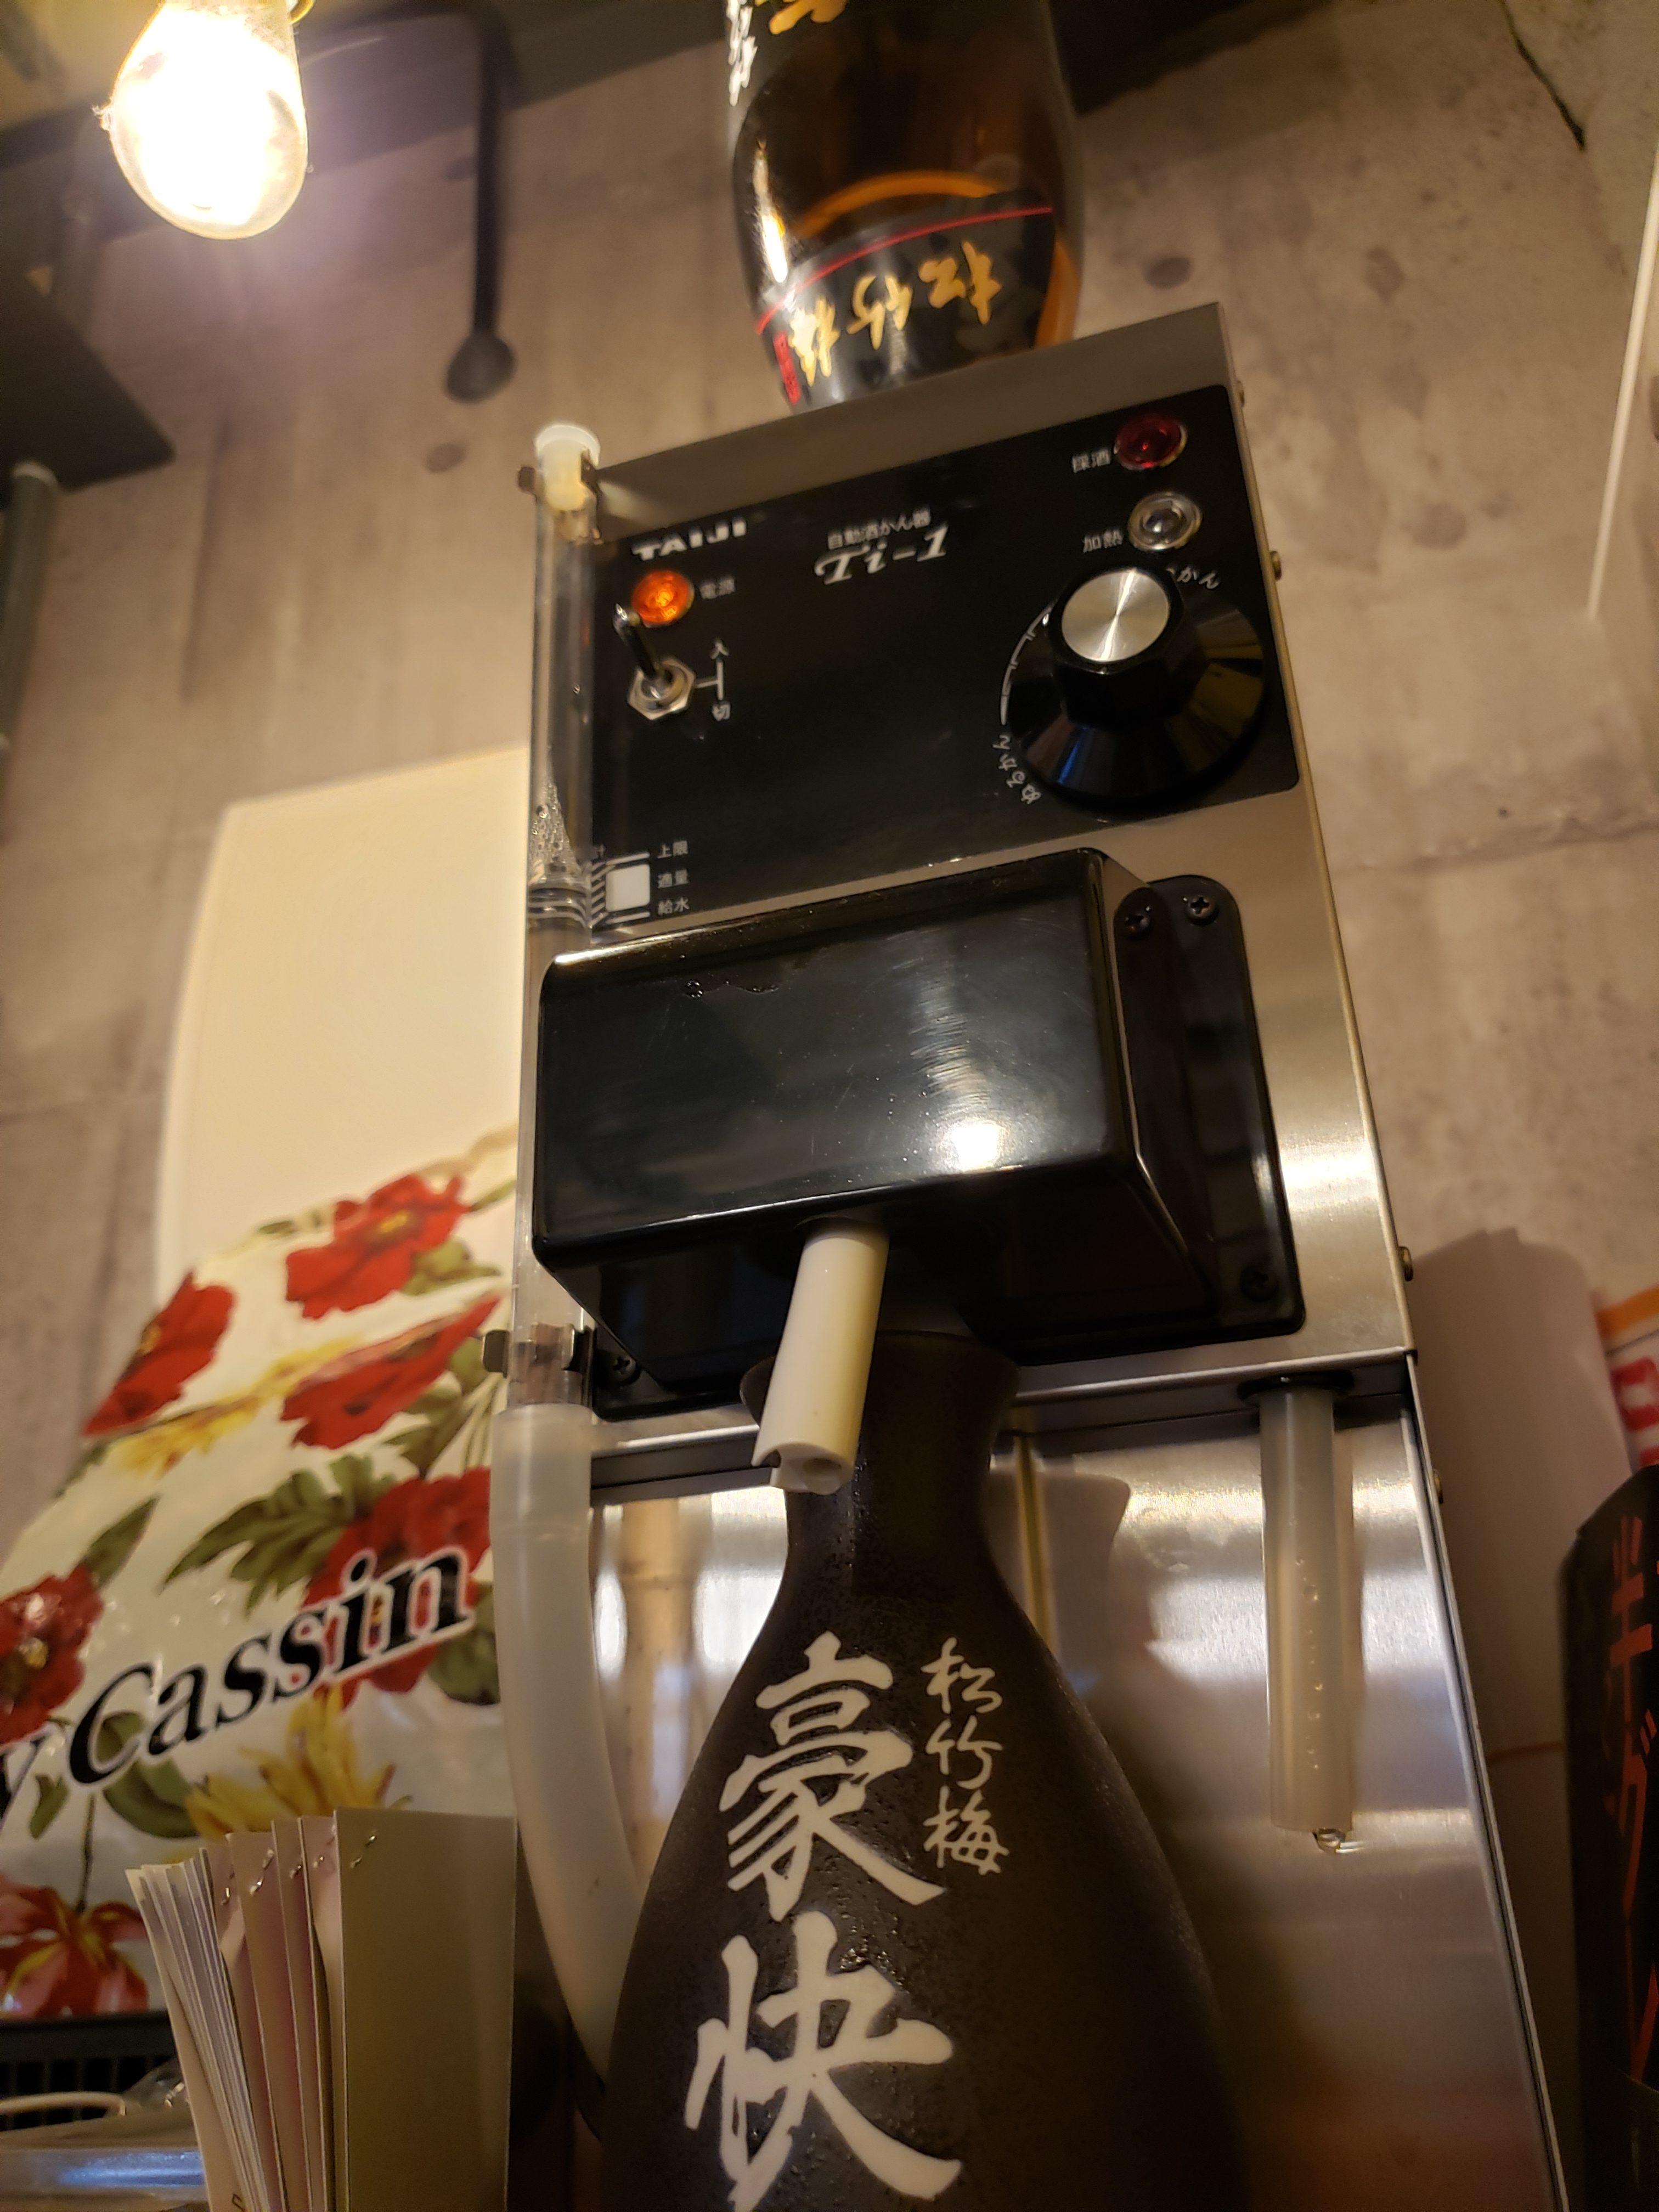 熱燗、熱燗、熱燗!!!!日本アゲアゲ亭